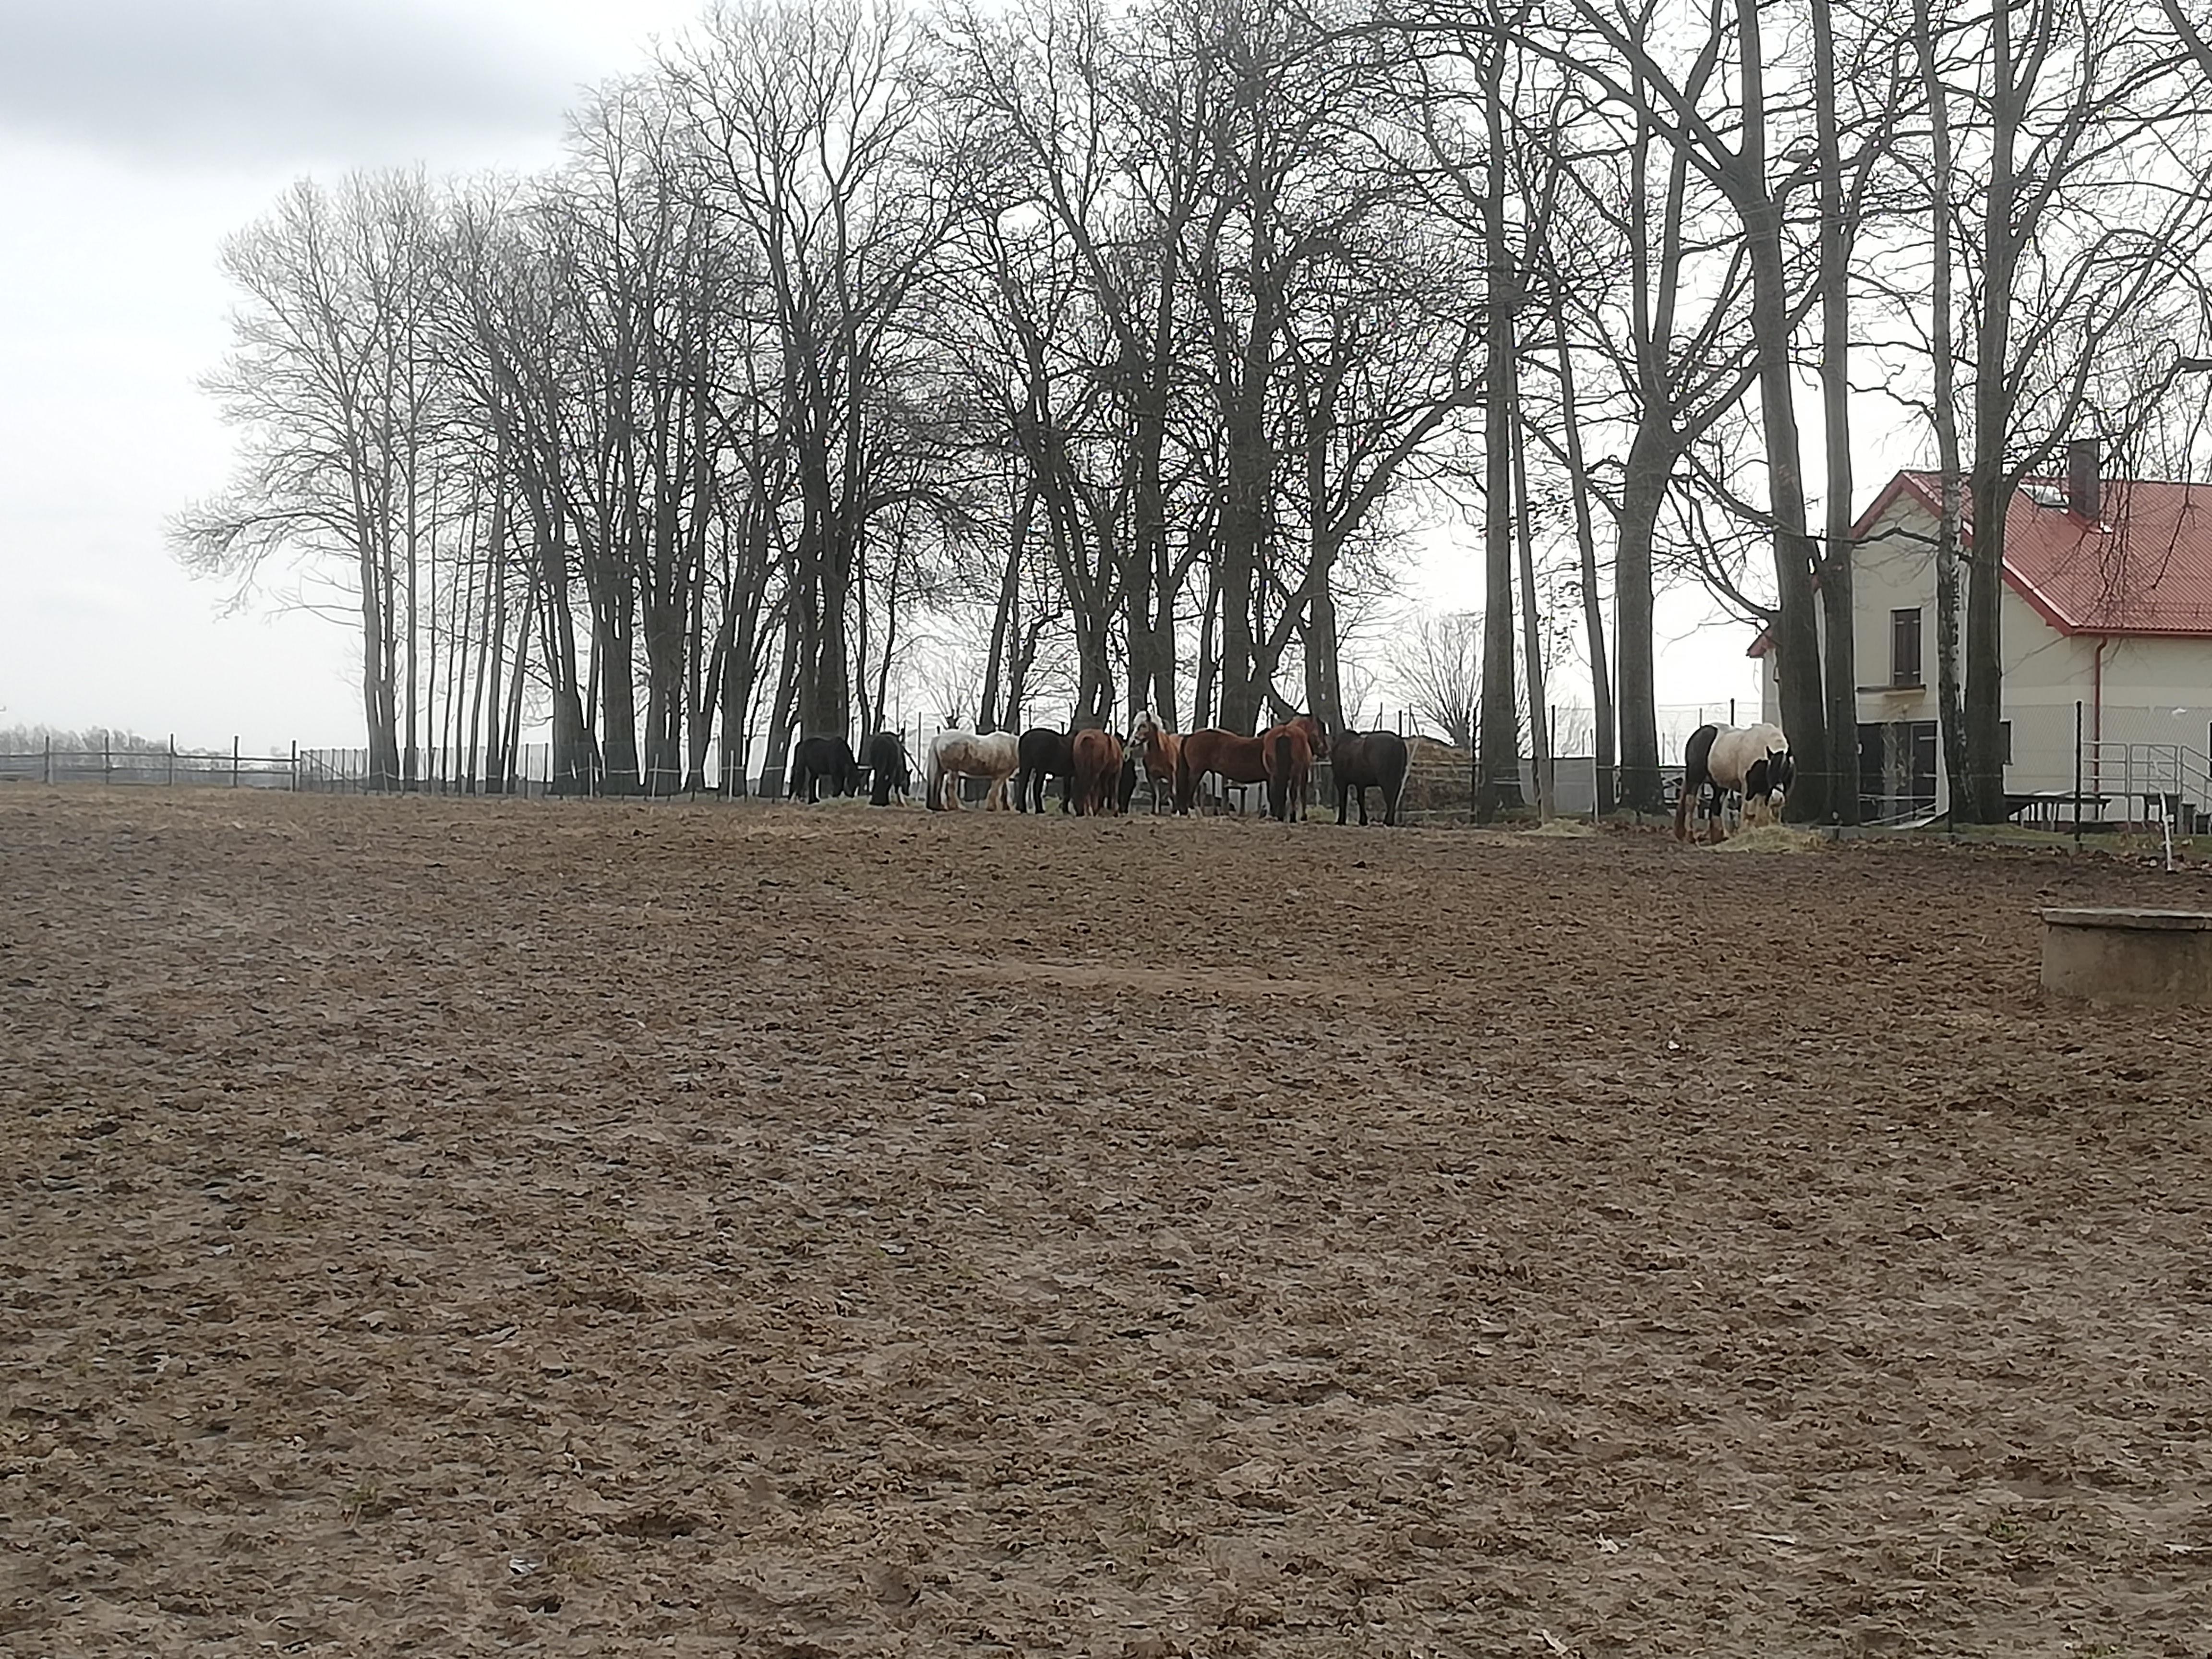 Przedwiośnie – na pierwszym planie widoczna brunatna ziemia, w oddali stado koni pośród wysokich bezlistnych drzew, z prawej biały dom ze strzelistym, czerwonym dachem.